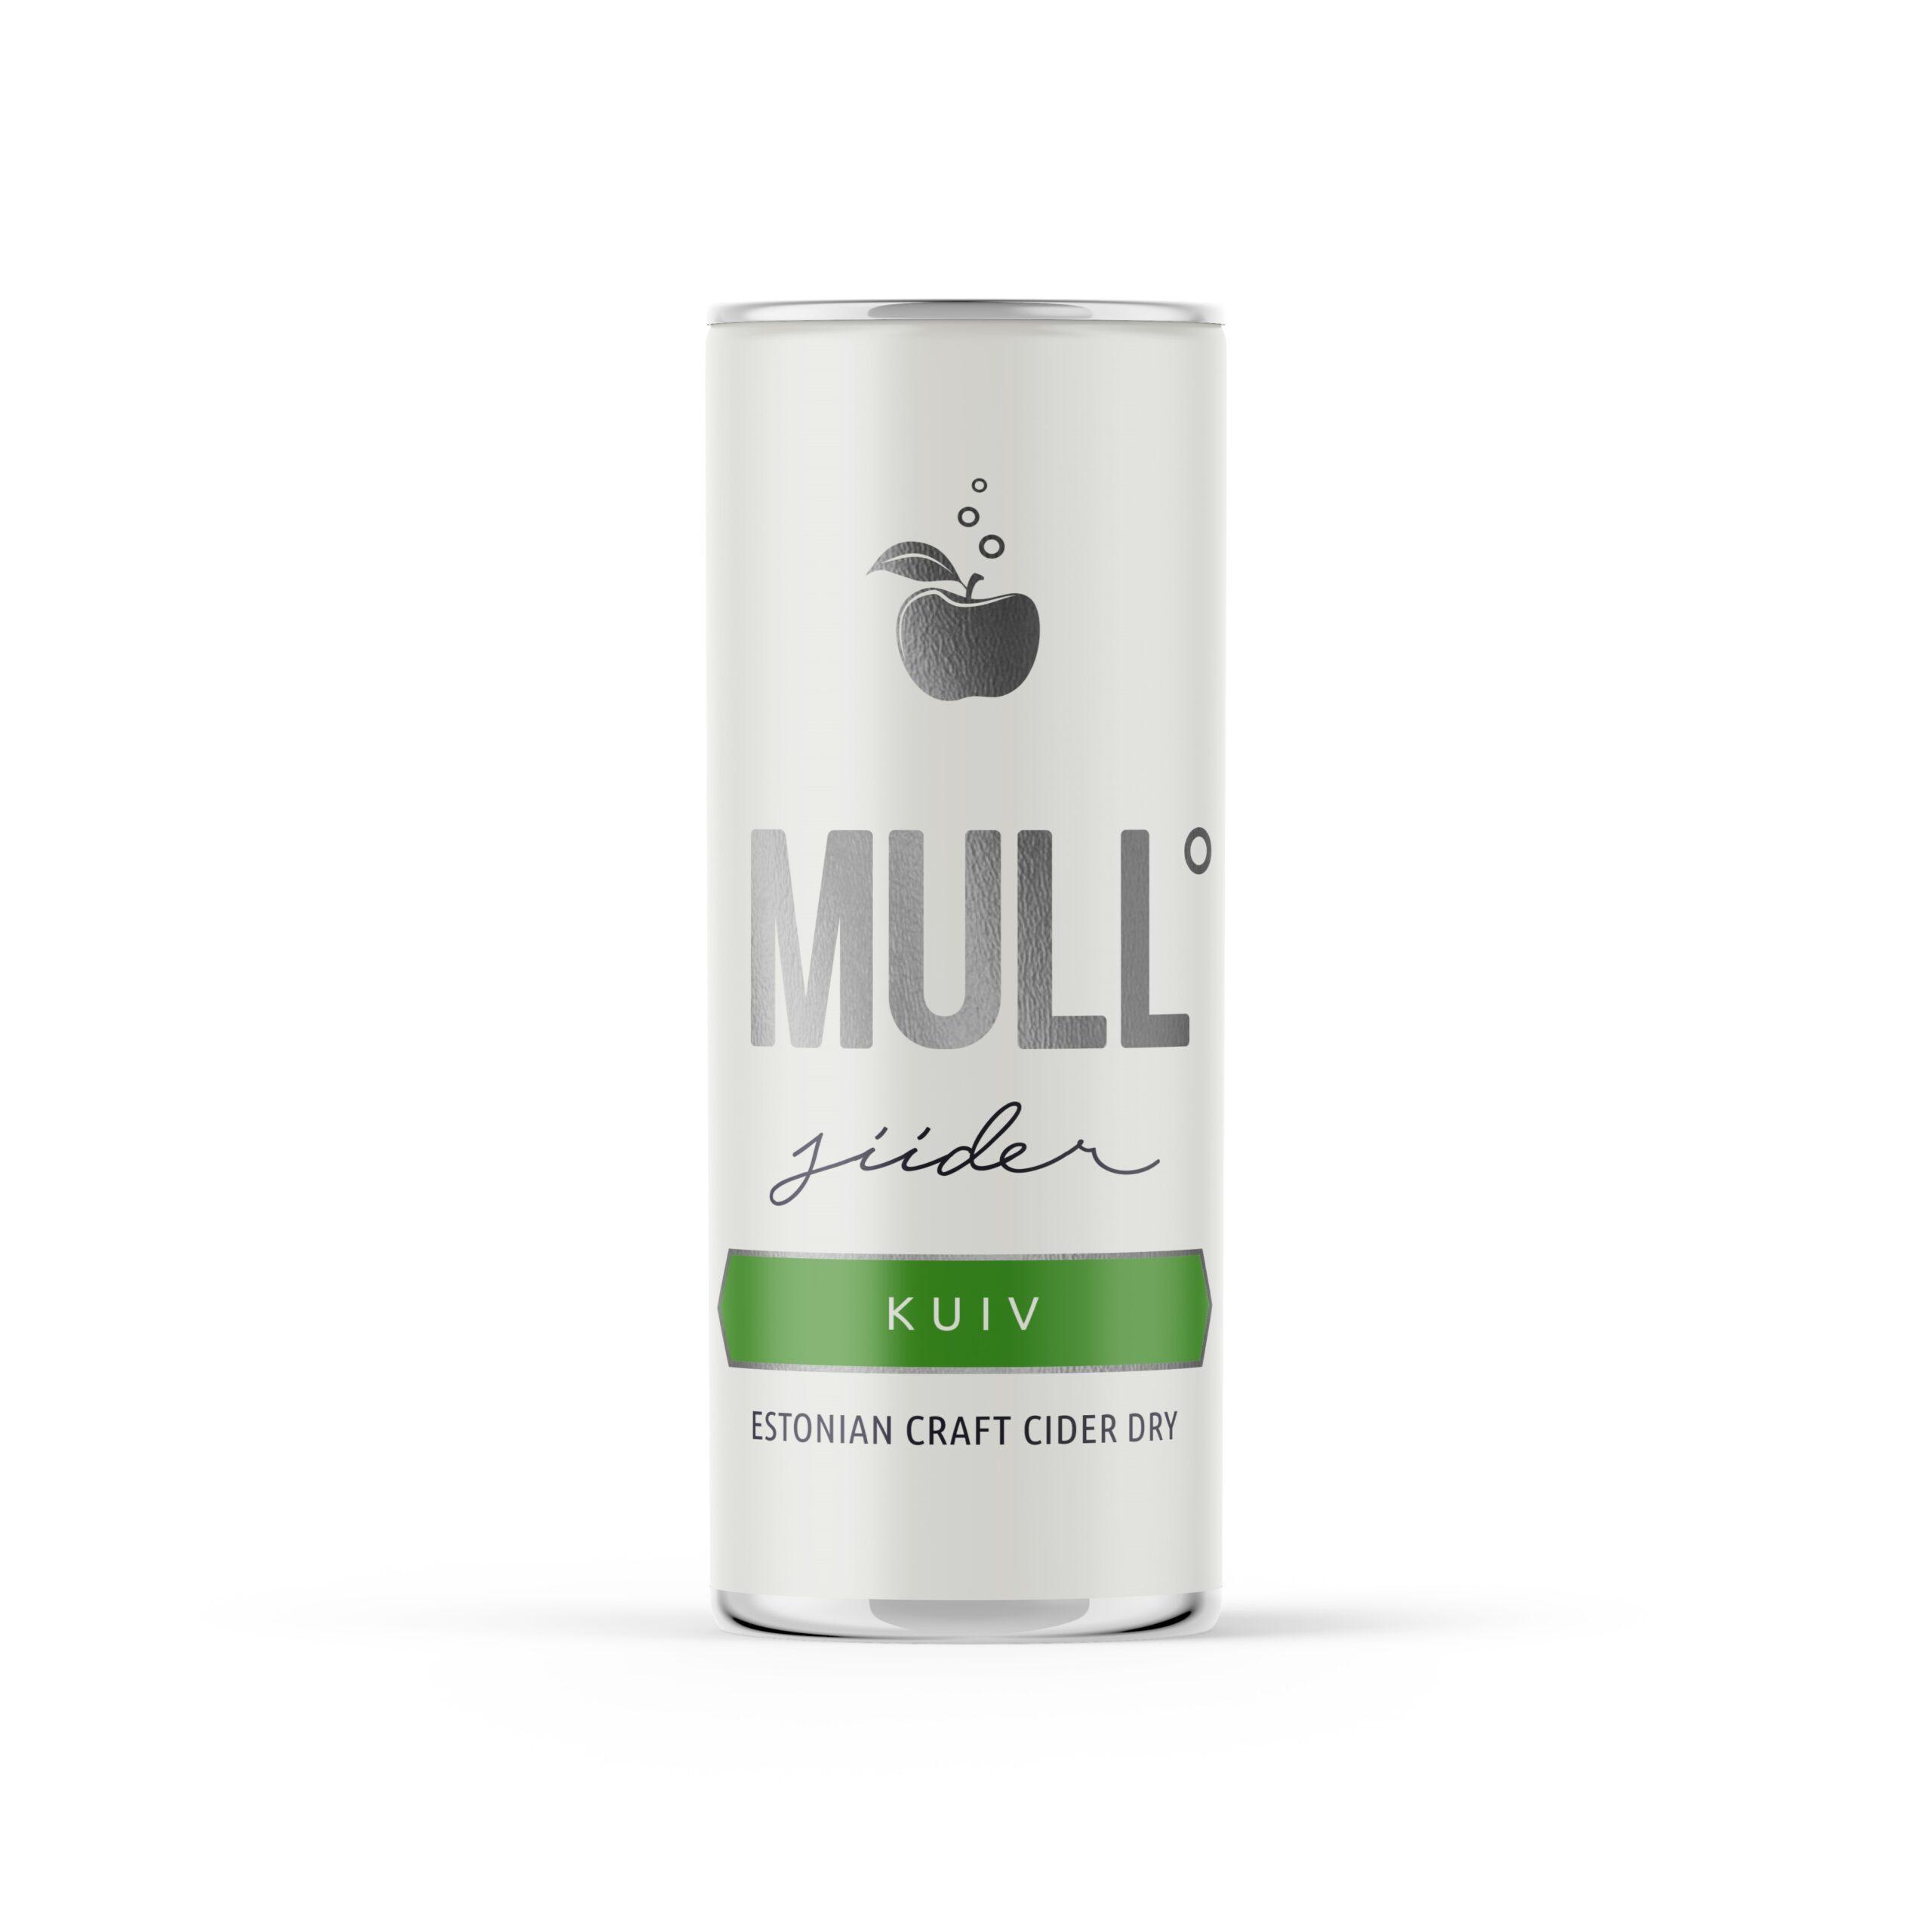 Mull_kuiv_siider_eesti